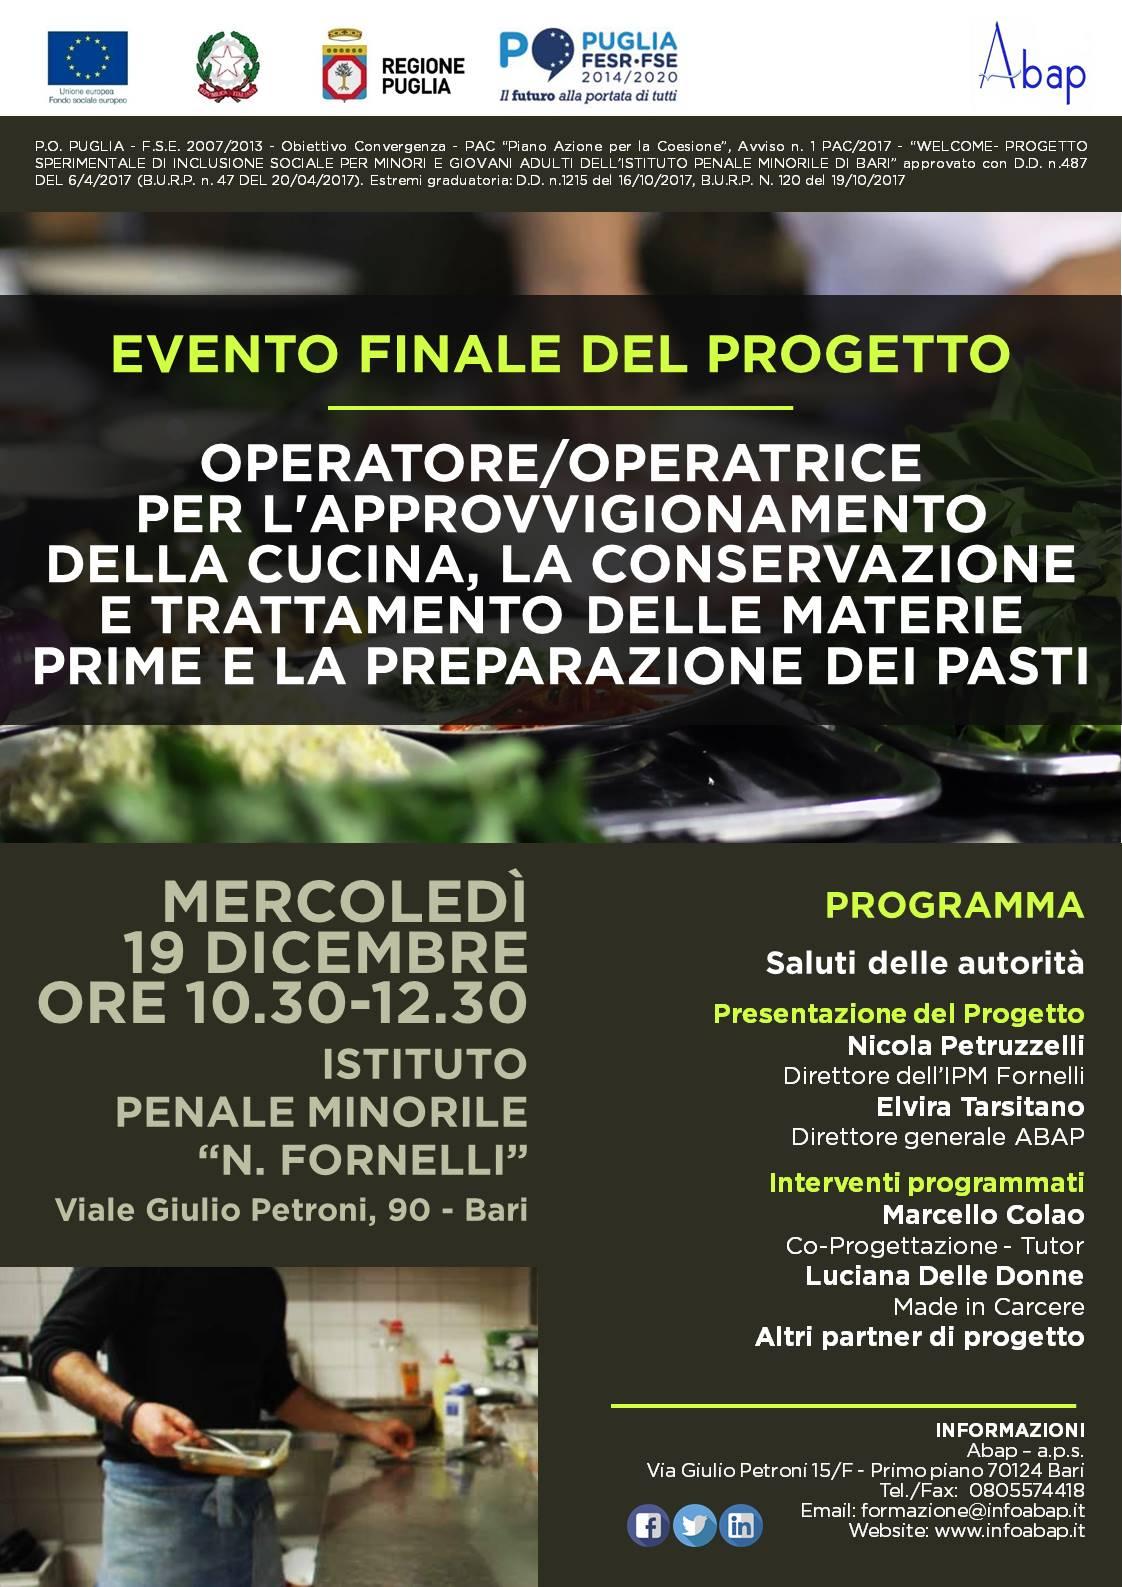 locandina-evento-finale-fornelli_welcome-2017